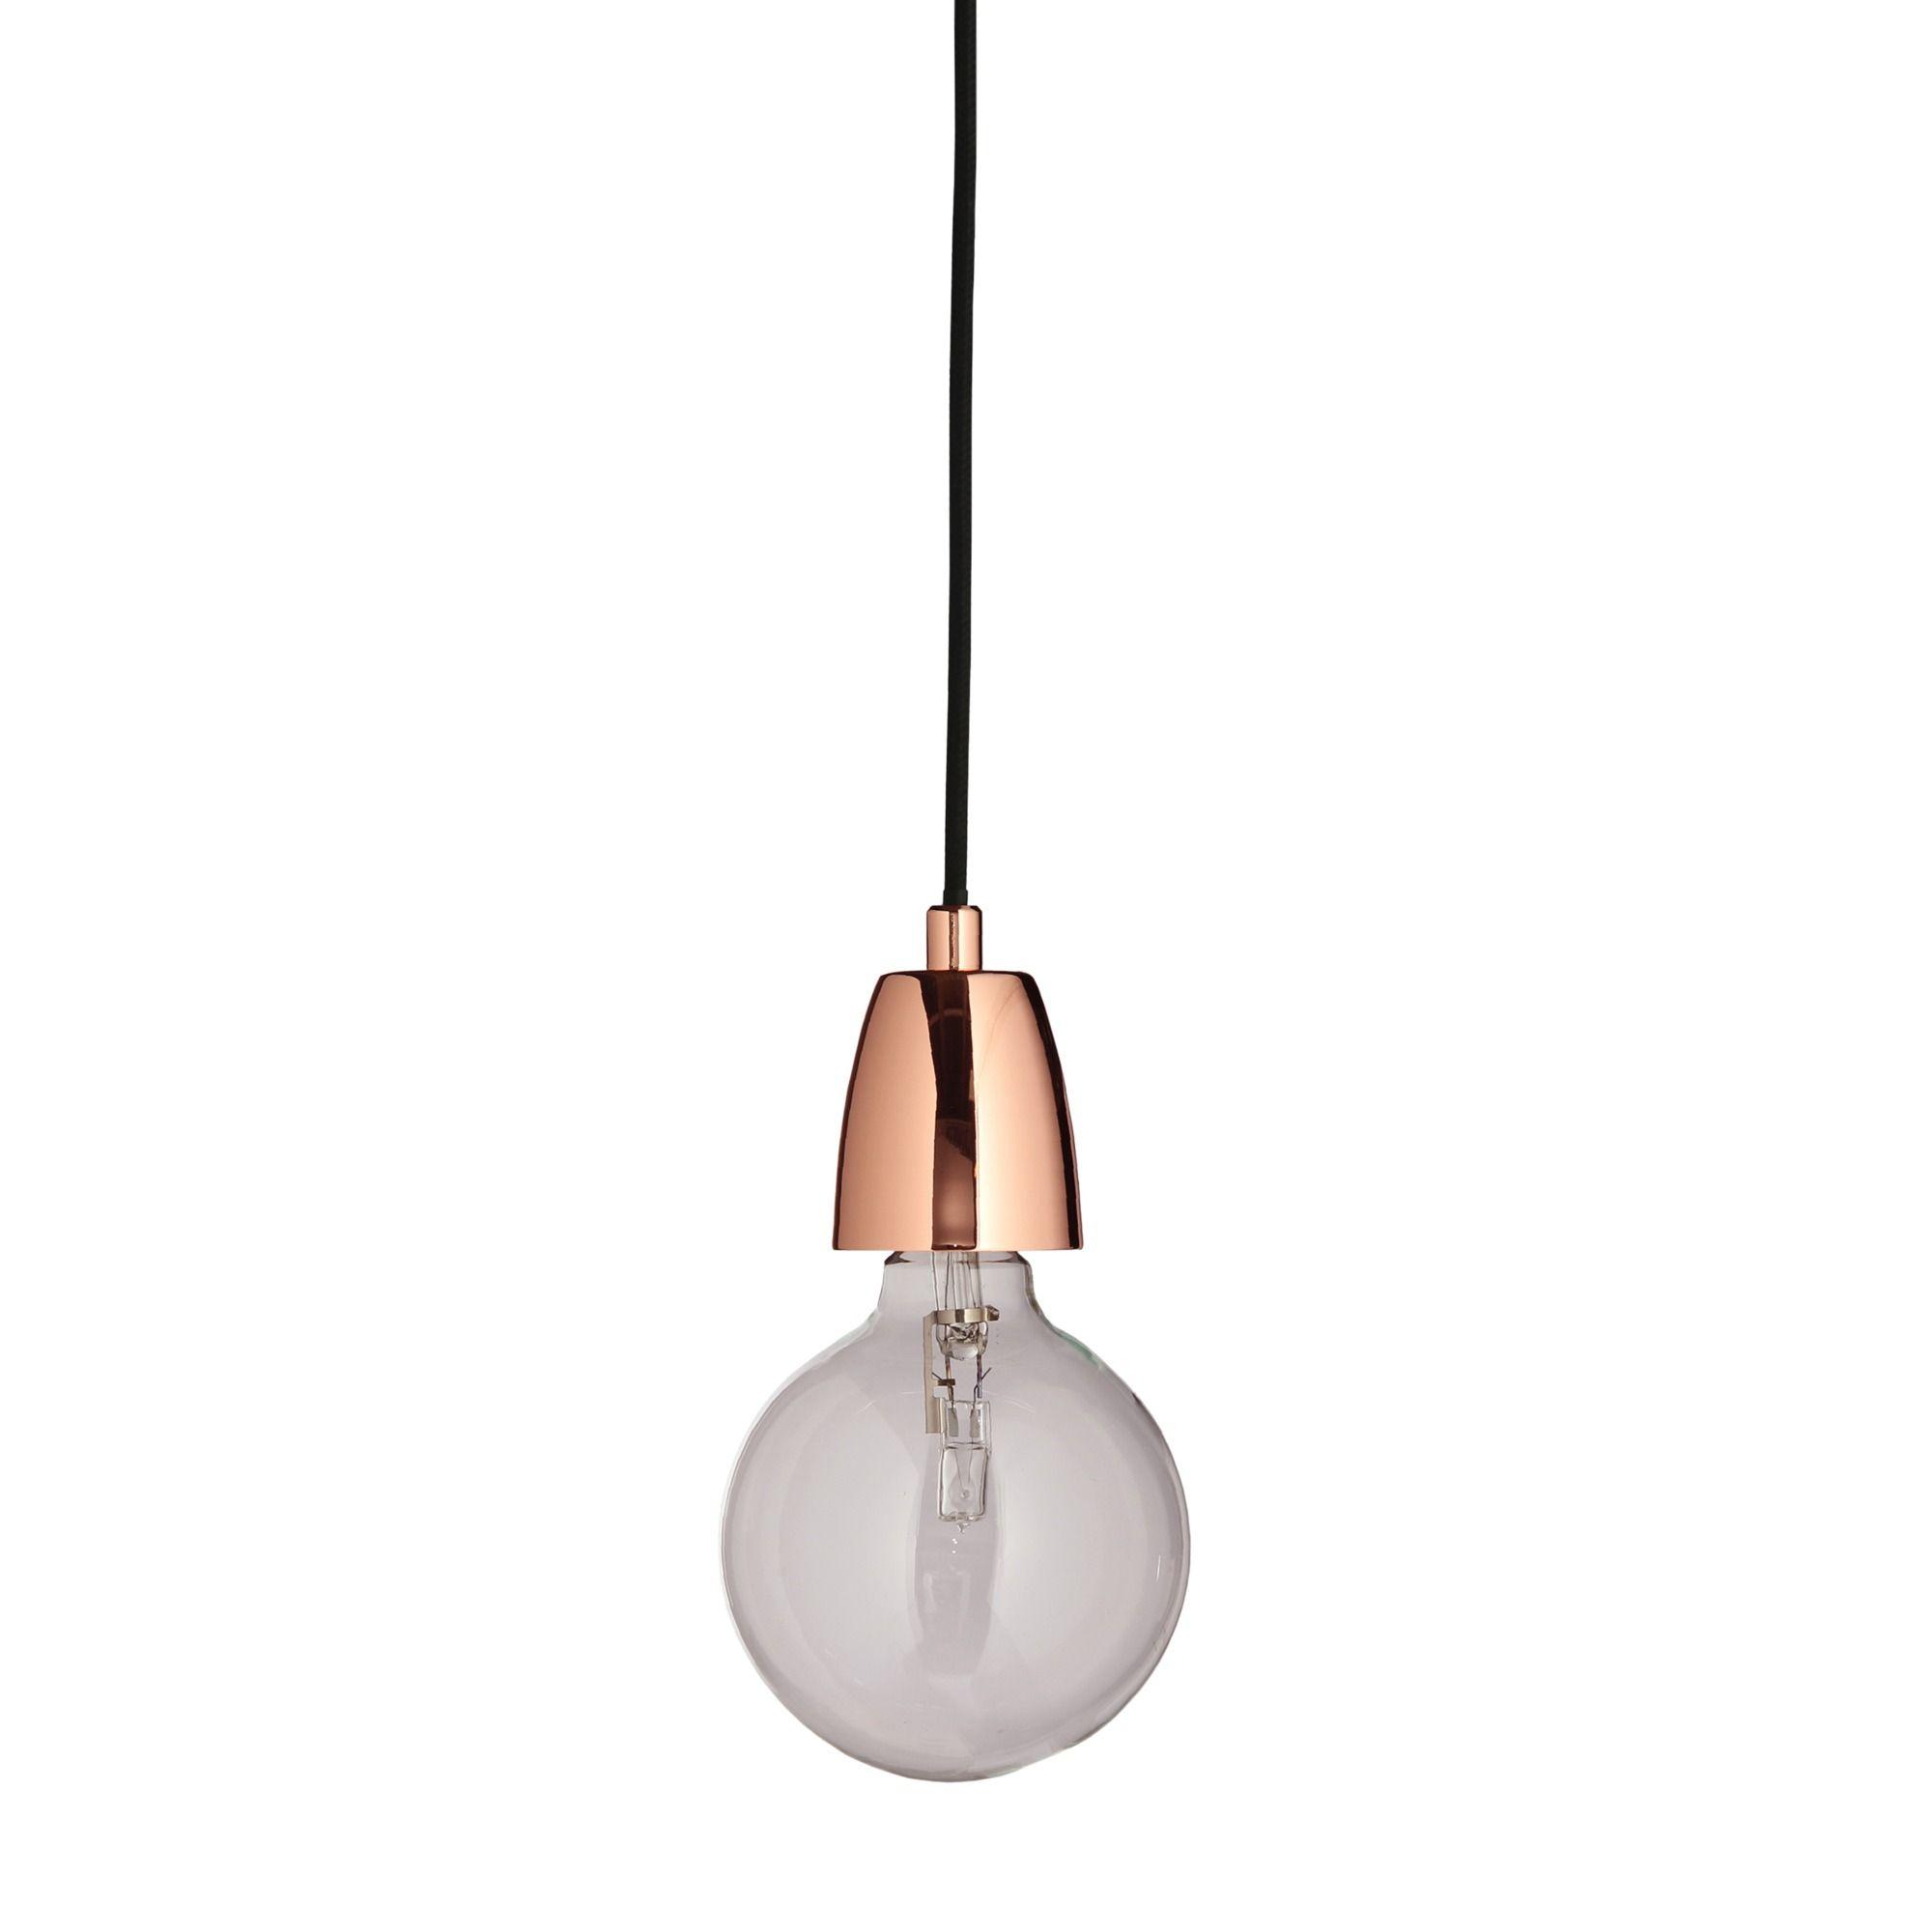 Spot Au Dessus Evier Cuisine luminaires design par boconcept | luminaire, lampe spot, lamp